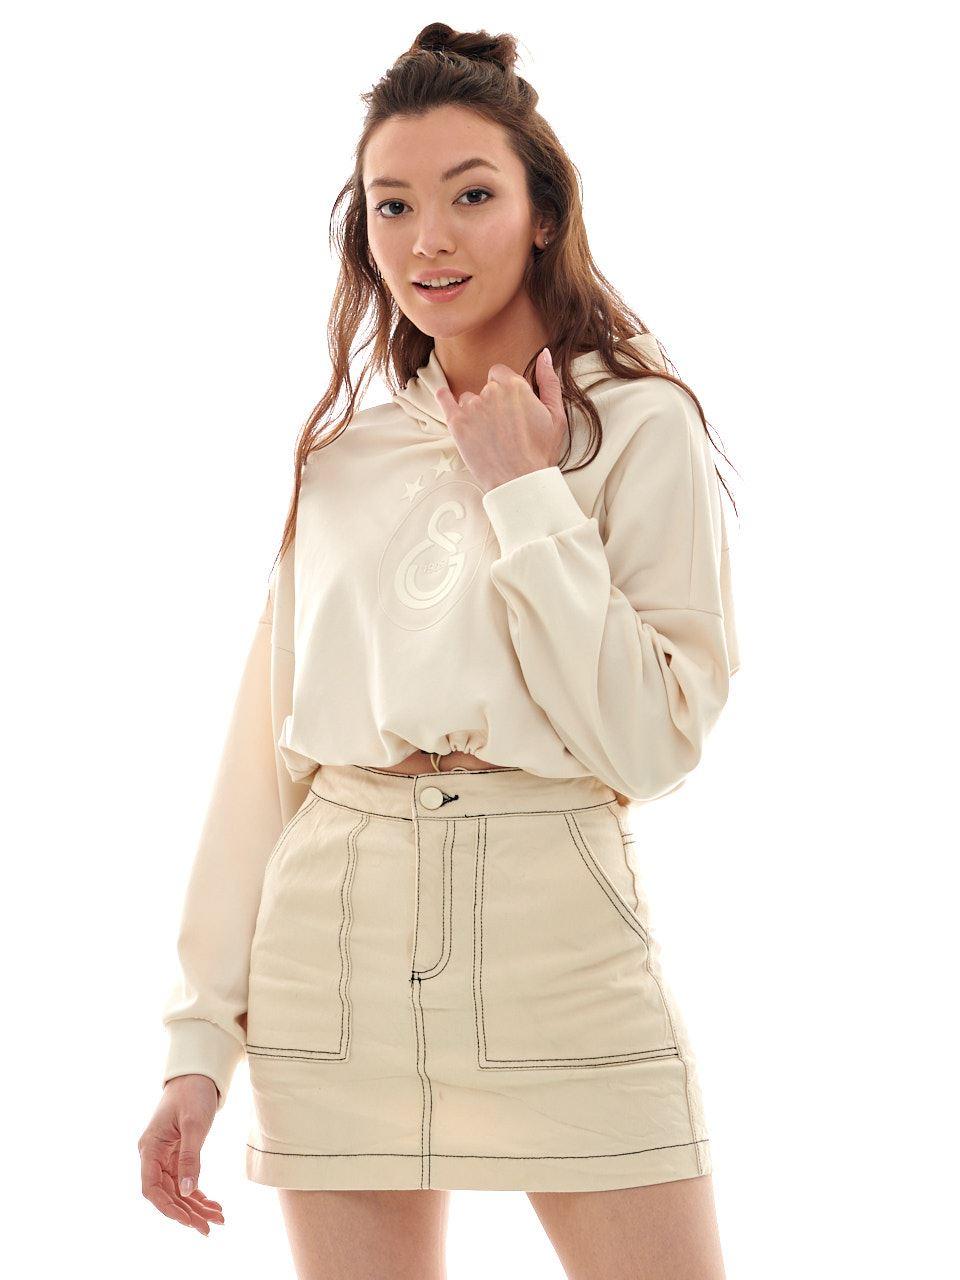 Galatasaray Forever Kadın Sweatshirt K211116